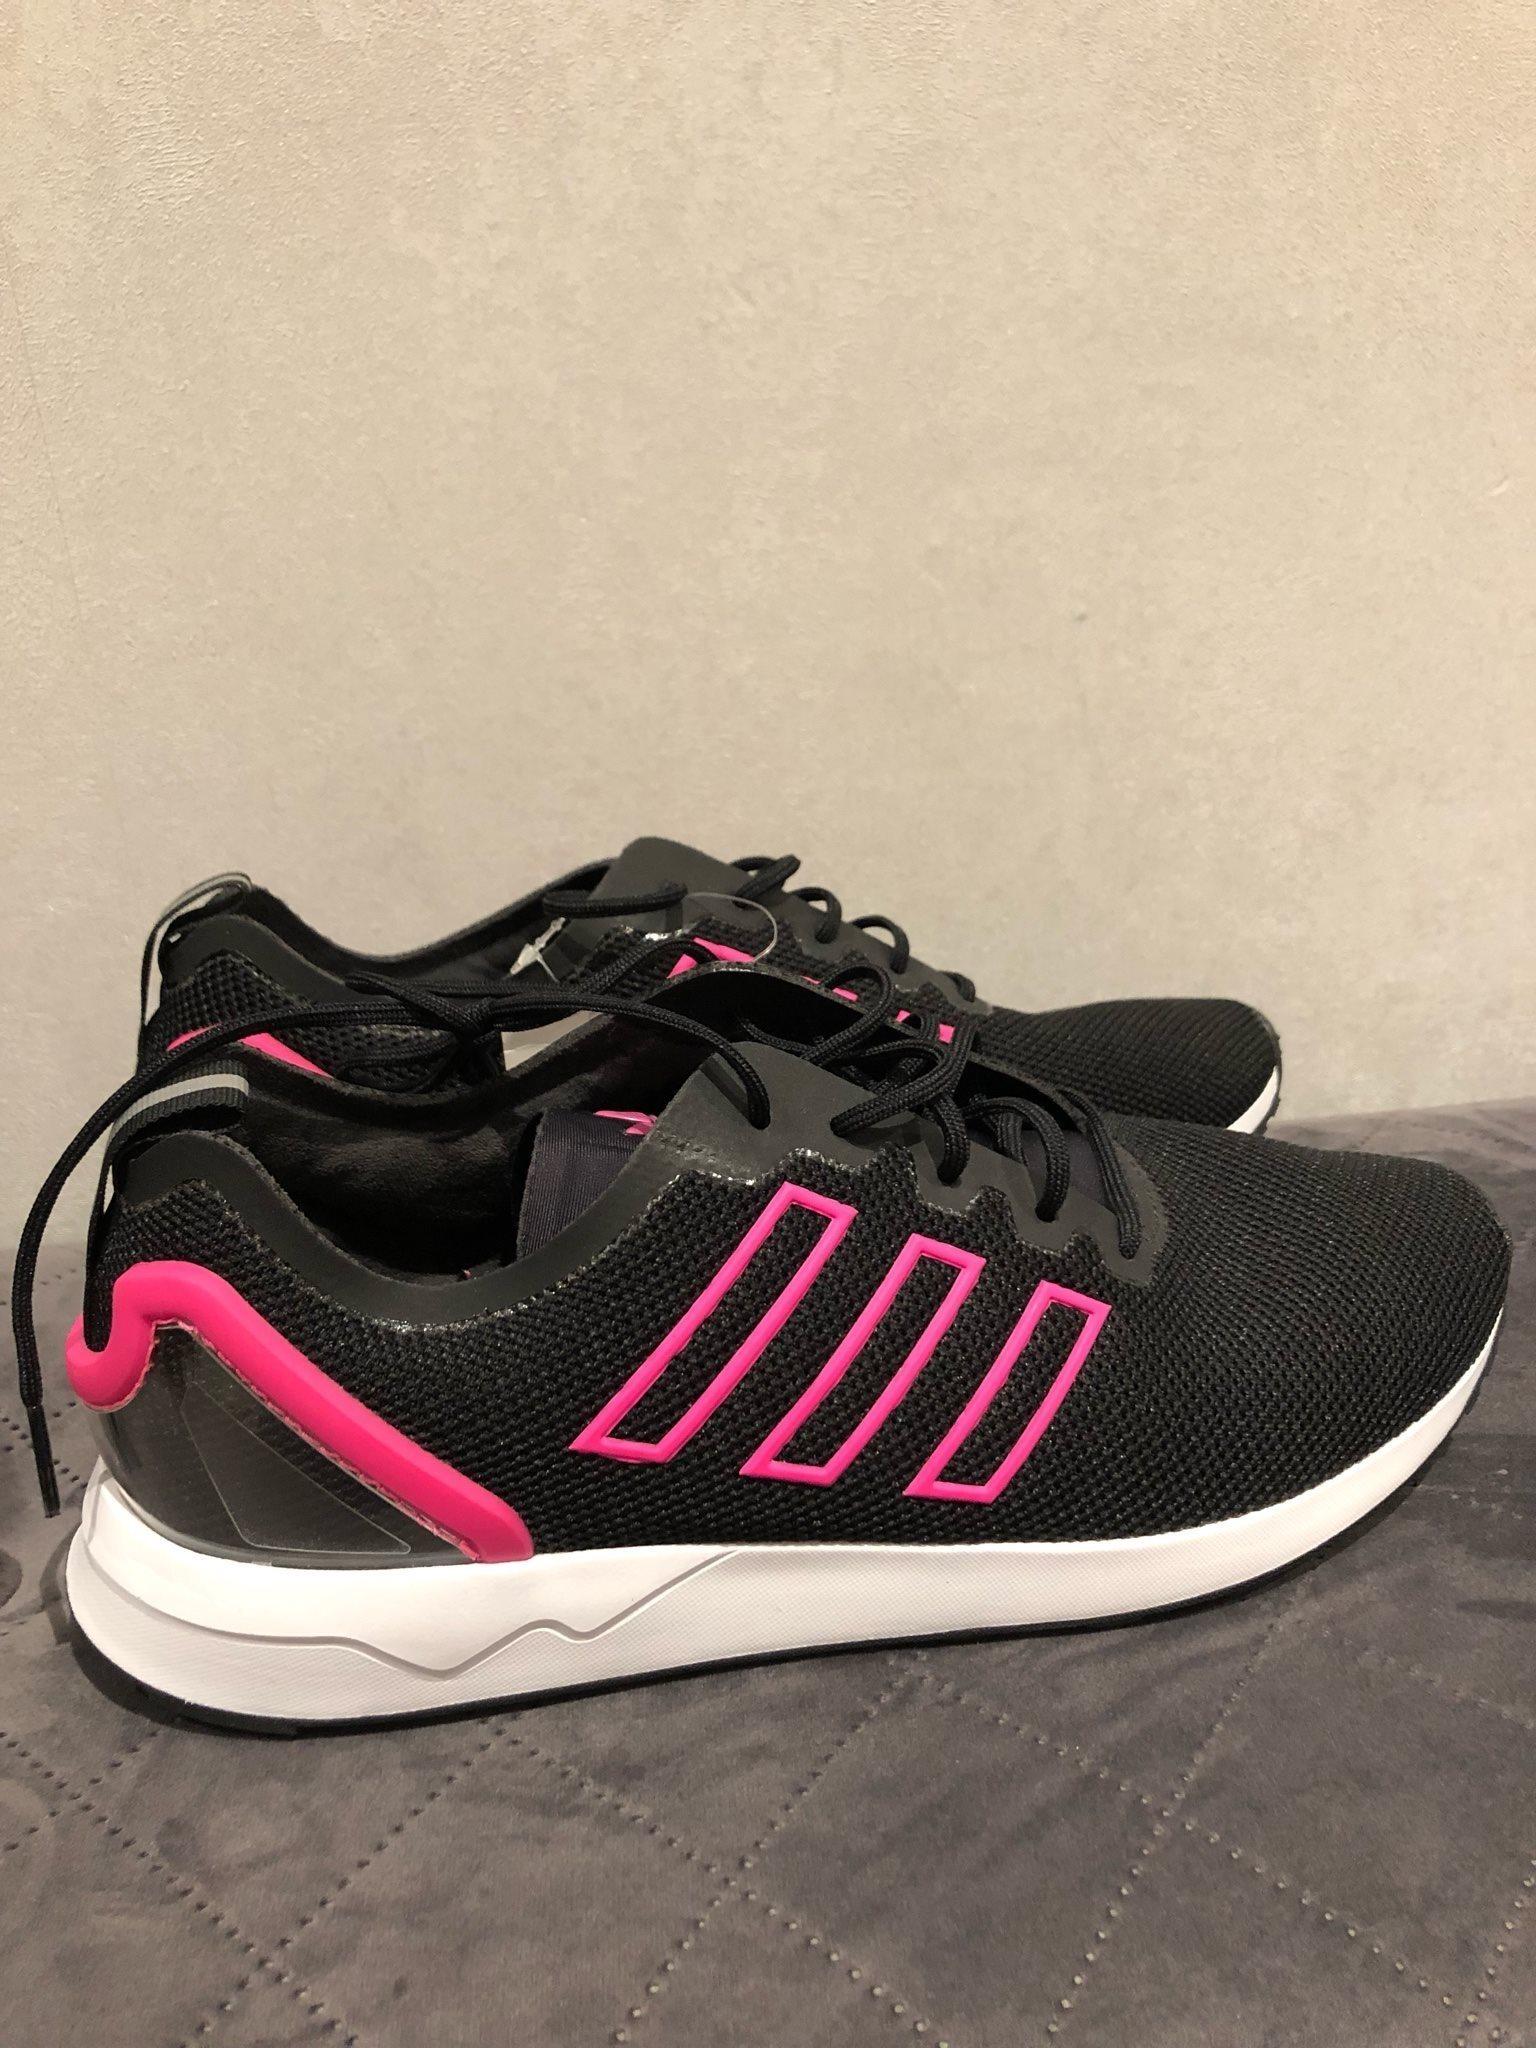 sports shoes 3b8a1 83010 Nya Adidas skor (339870080) ᐈ Köp på Tradera